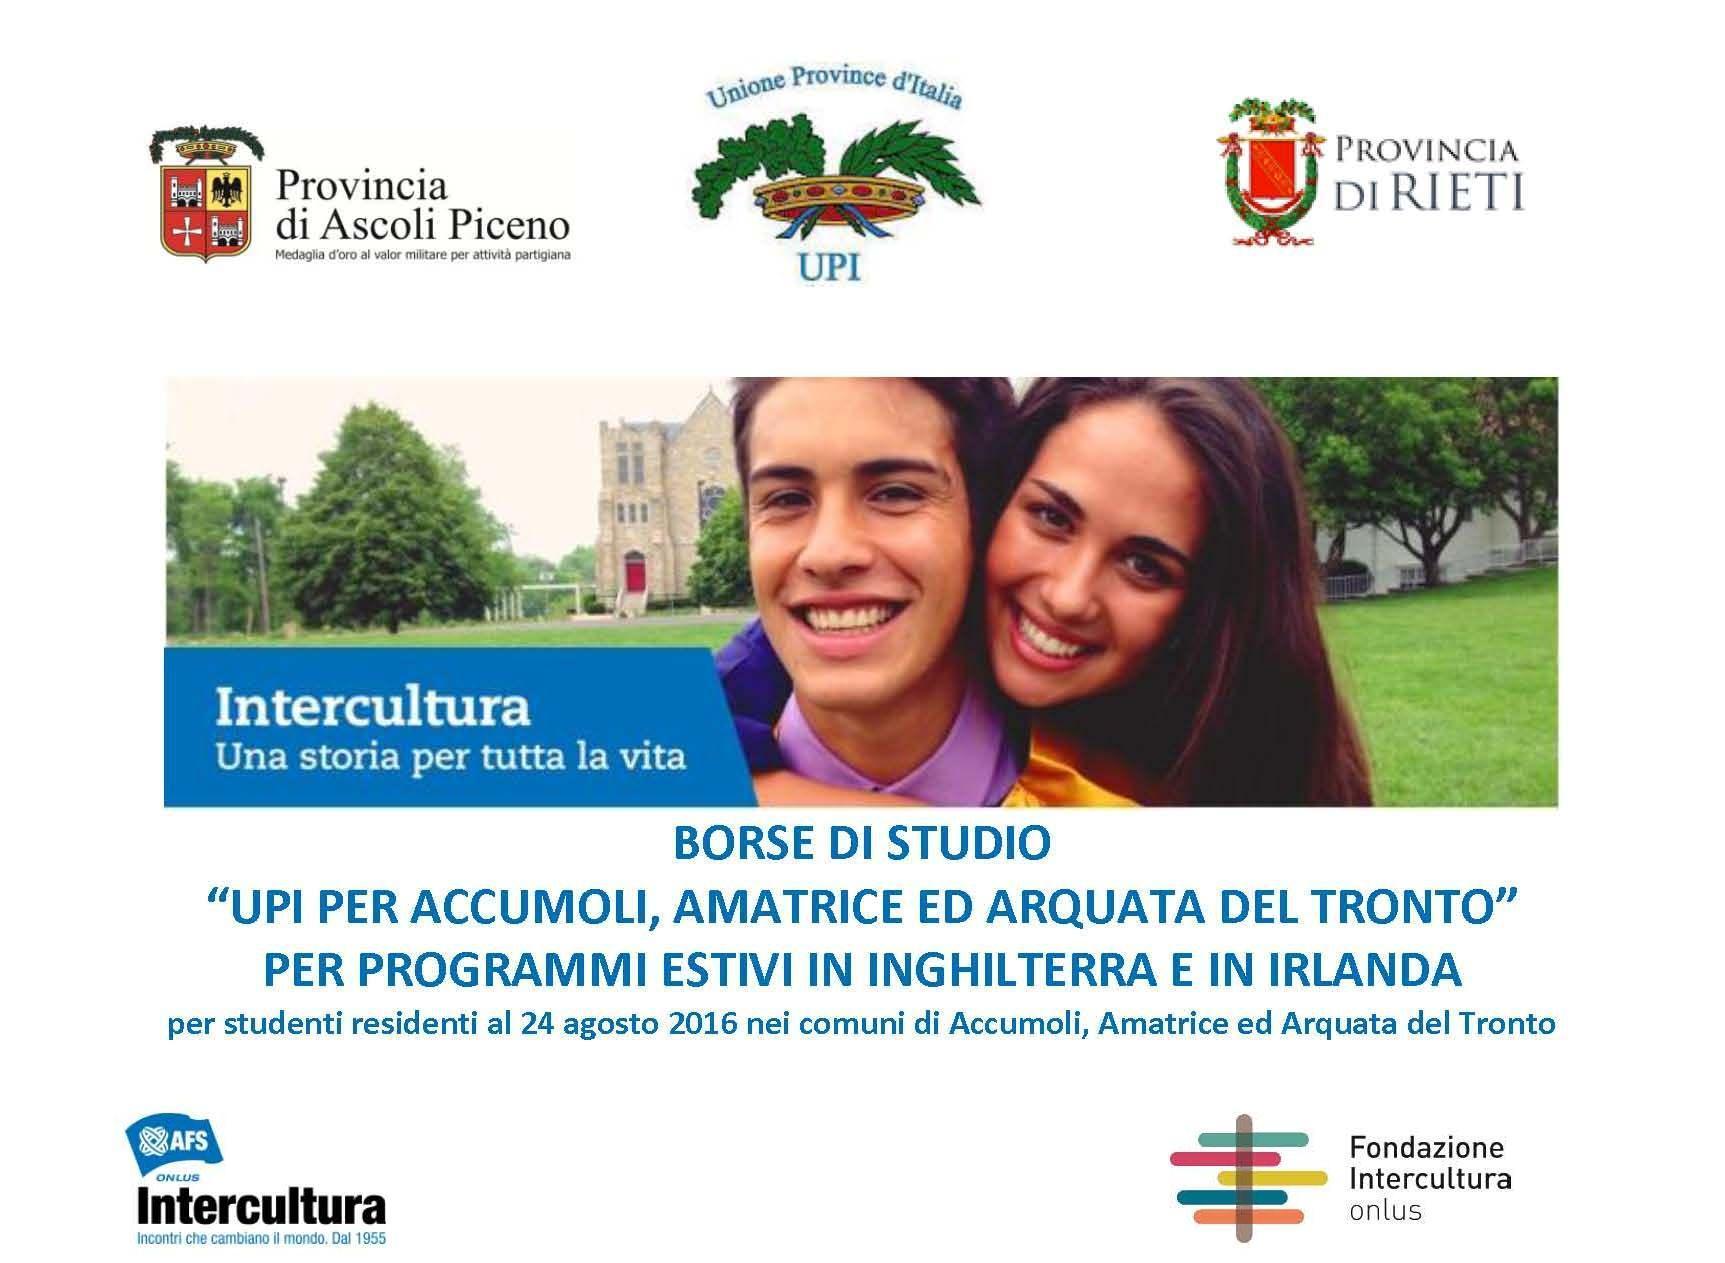 Borse di Studio Upi Arquata del Tronto